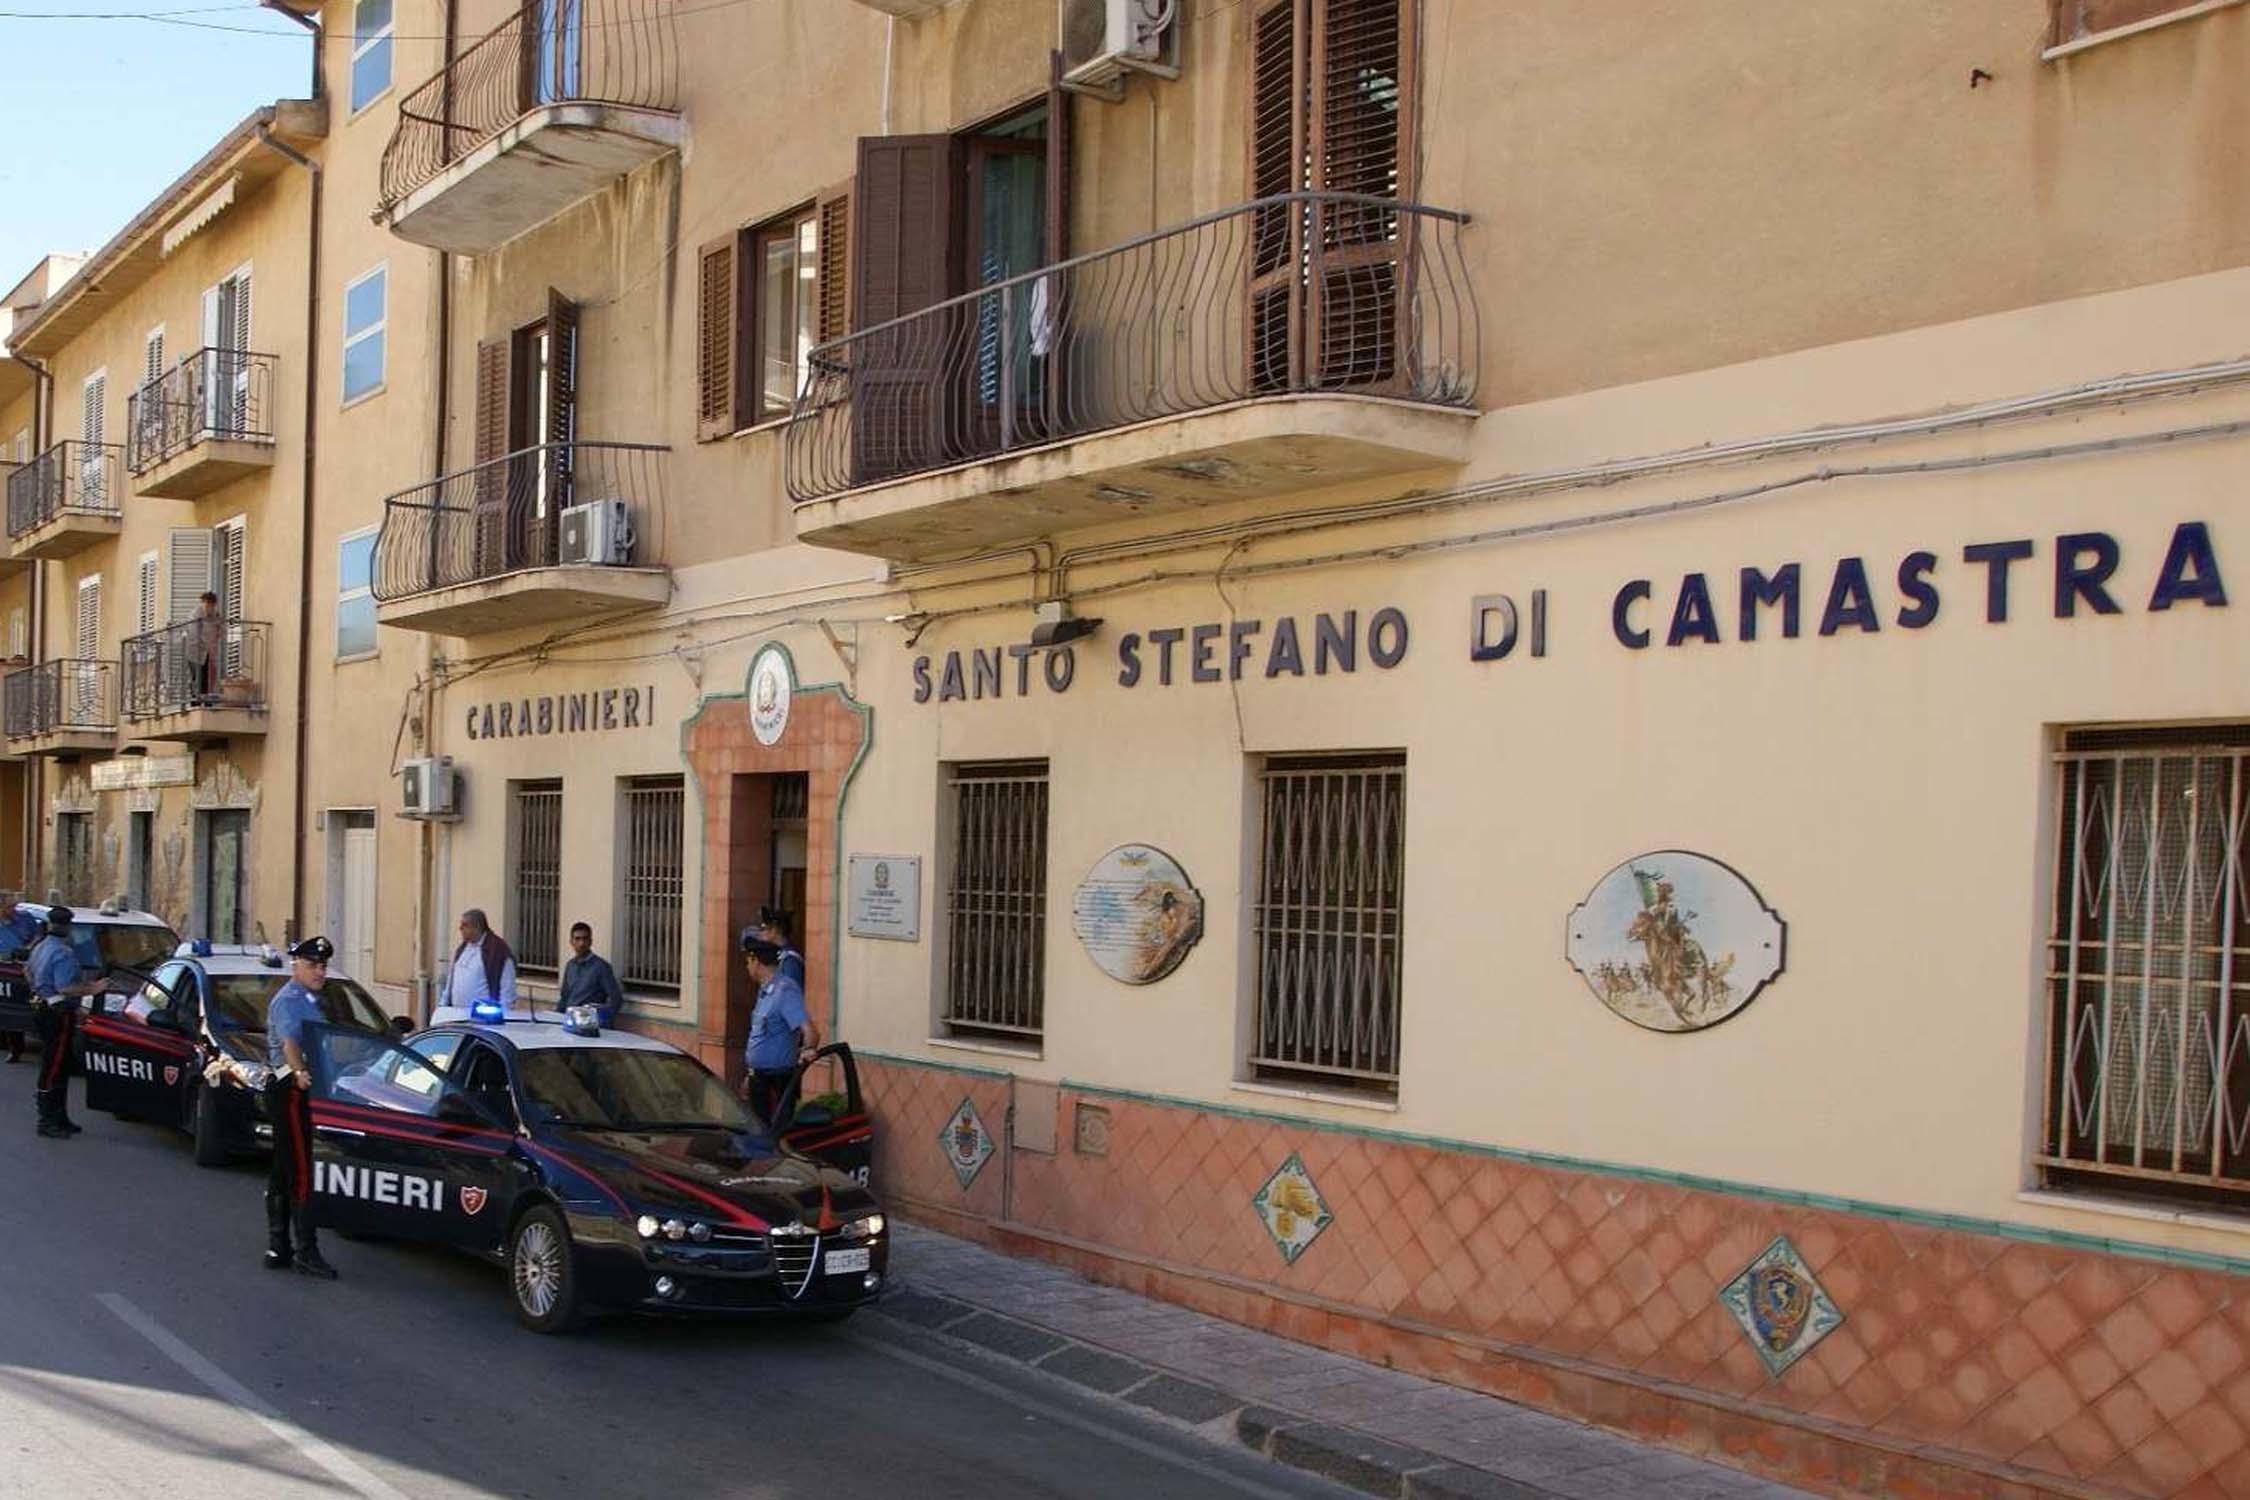 S. Stefano di Camastra: evade dai domiciliari per farsi curare una ferita, 25enne rintracciato dai carabinieri al Pte